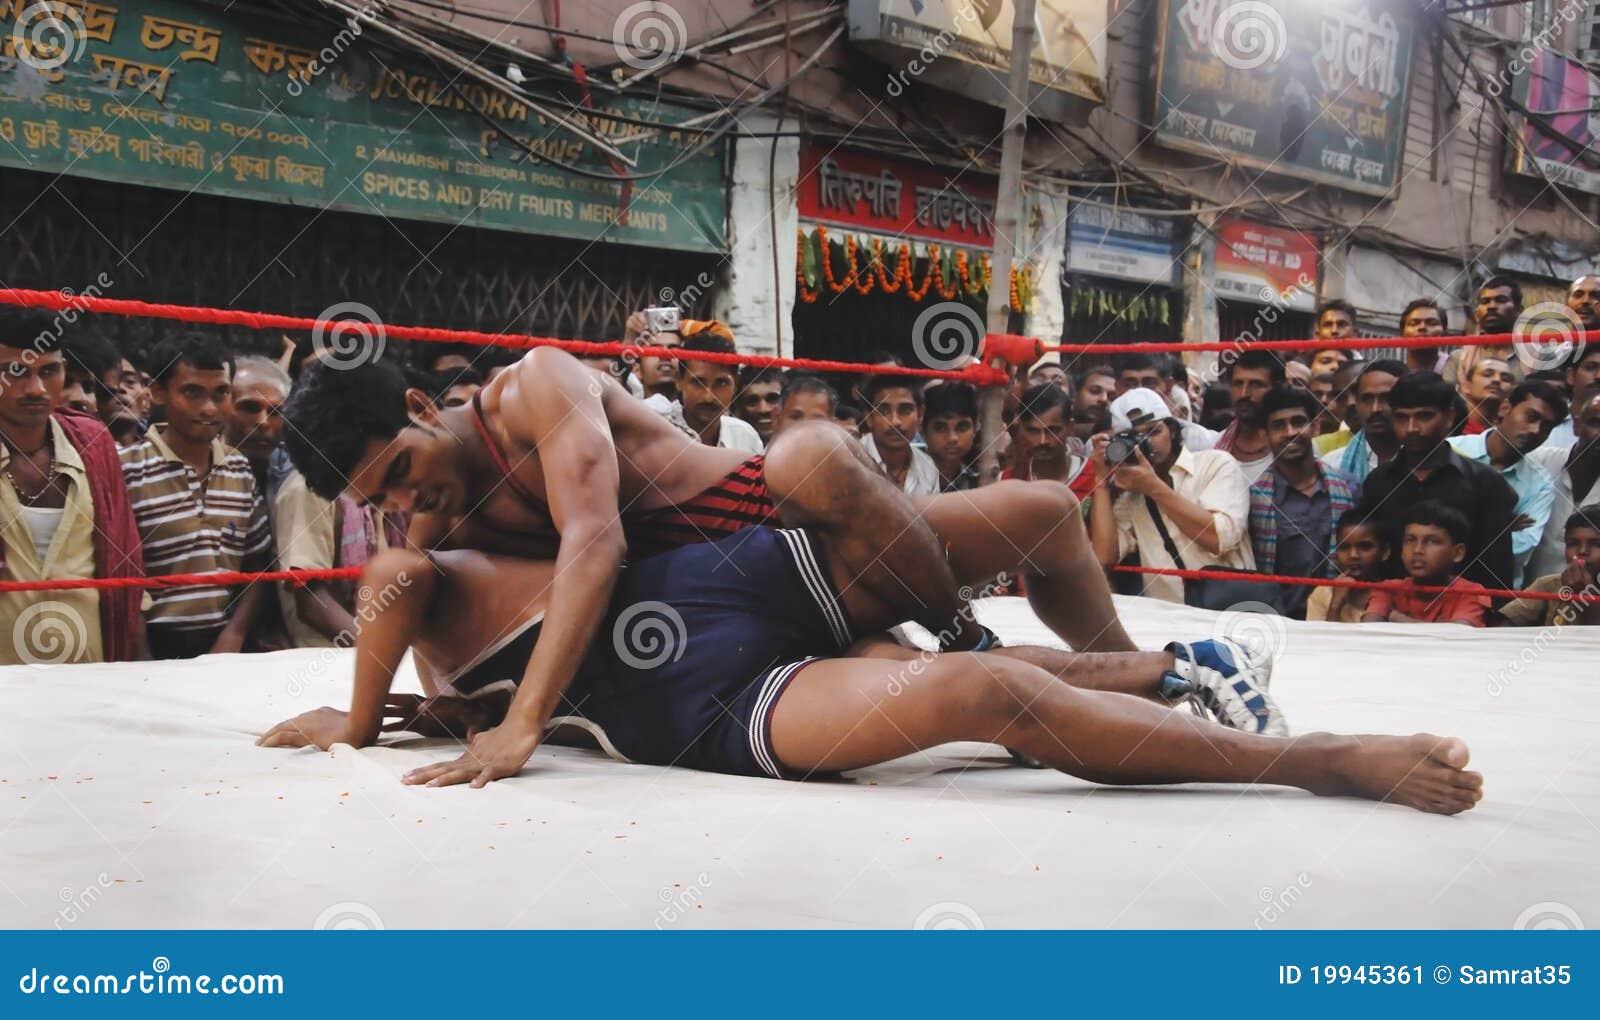 indian wrestler kids Indian Wrestling Stock Image